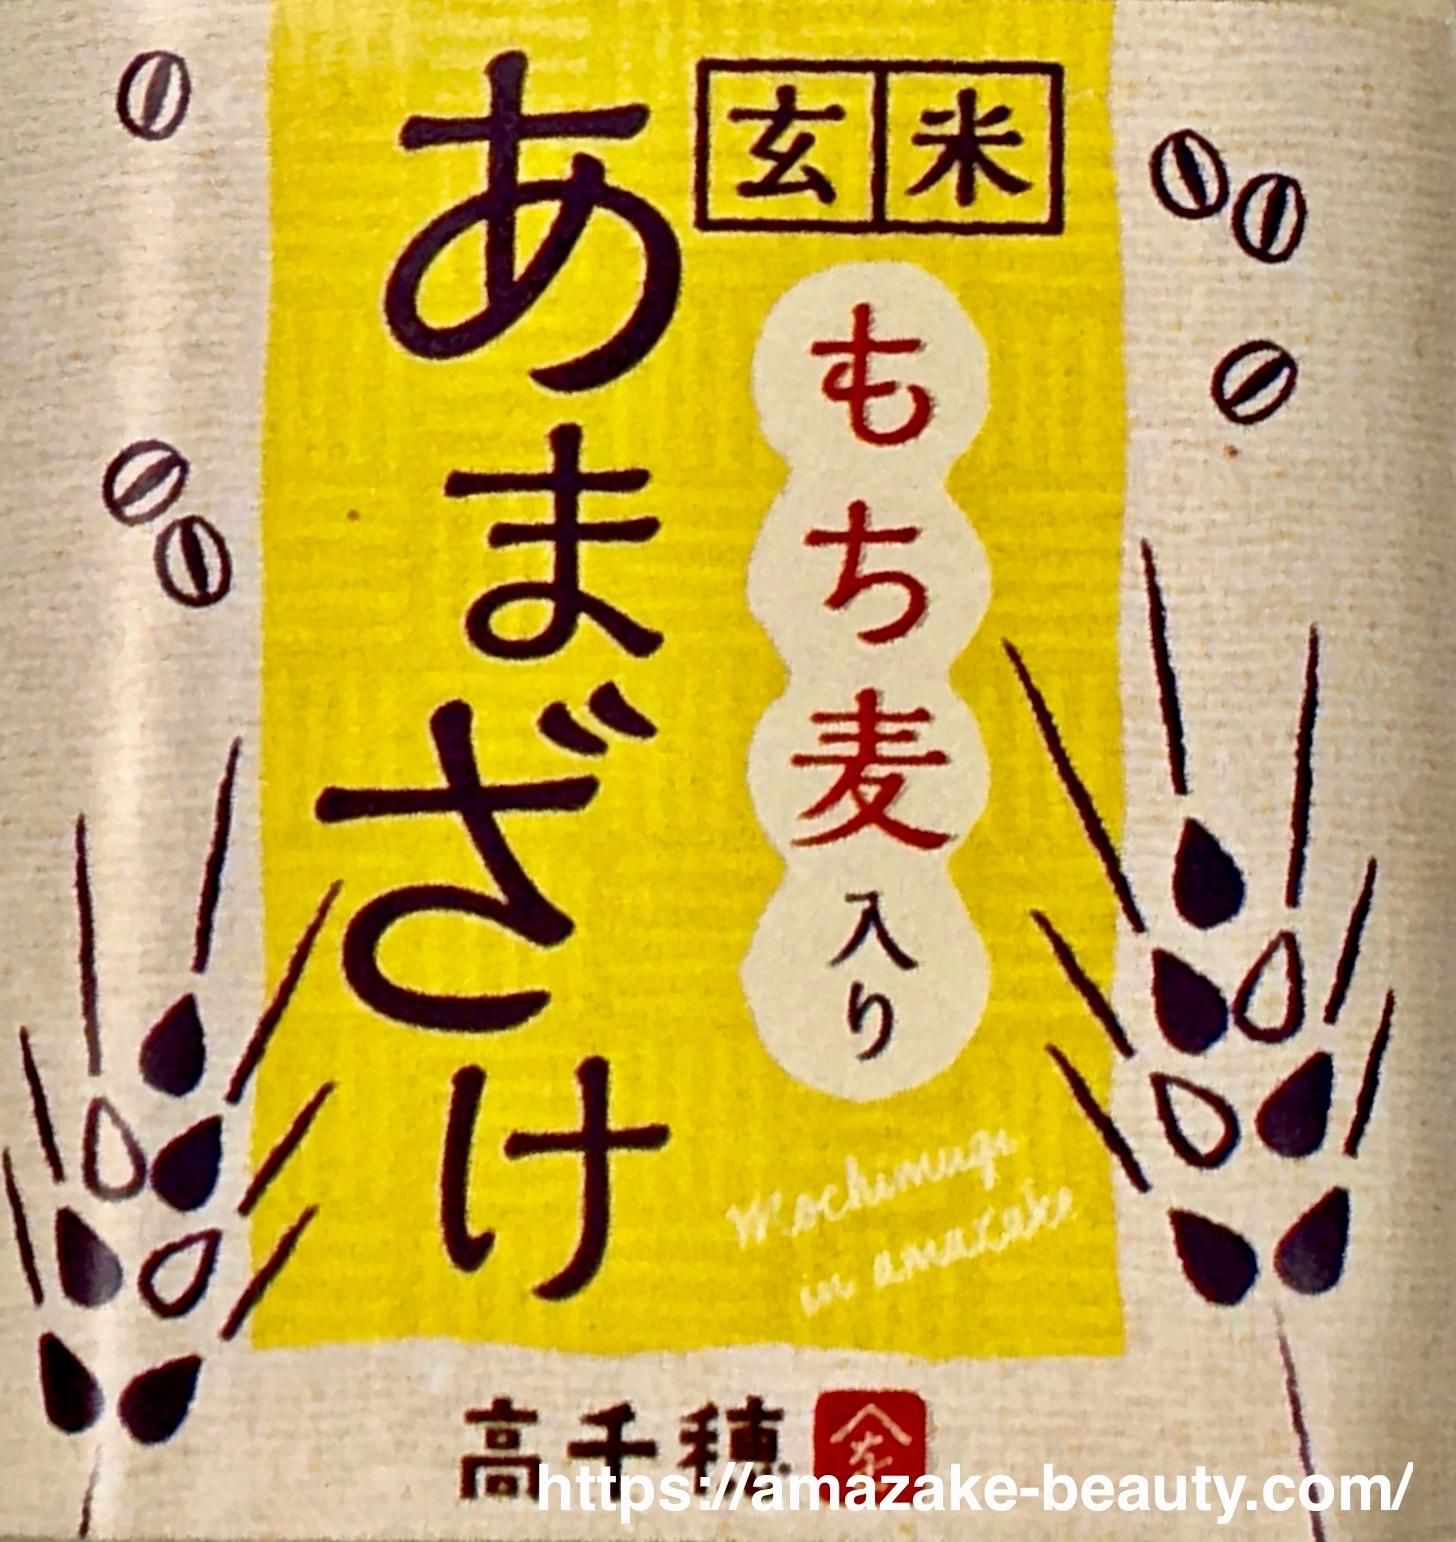 【甘酒】高千穂『あまざけ(玄米もち麦入り)』(ラベルデザイン)